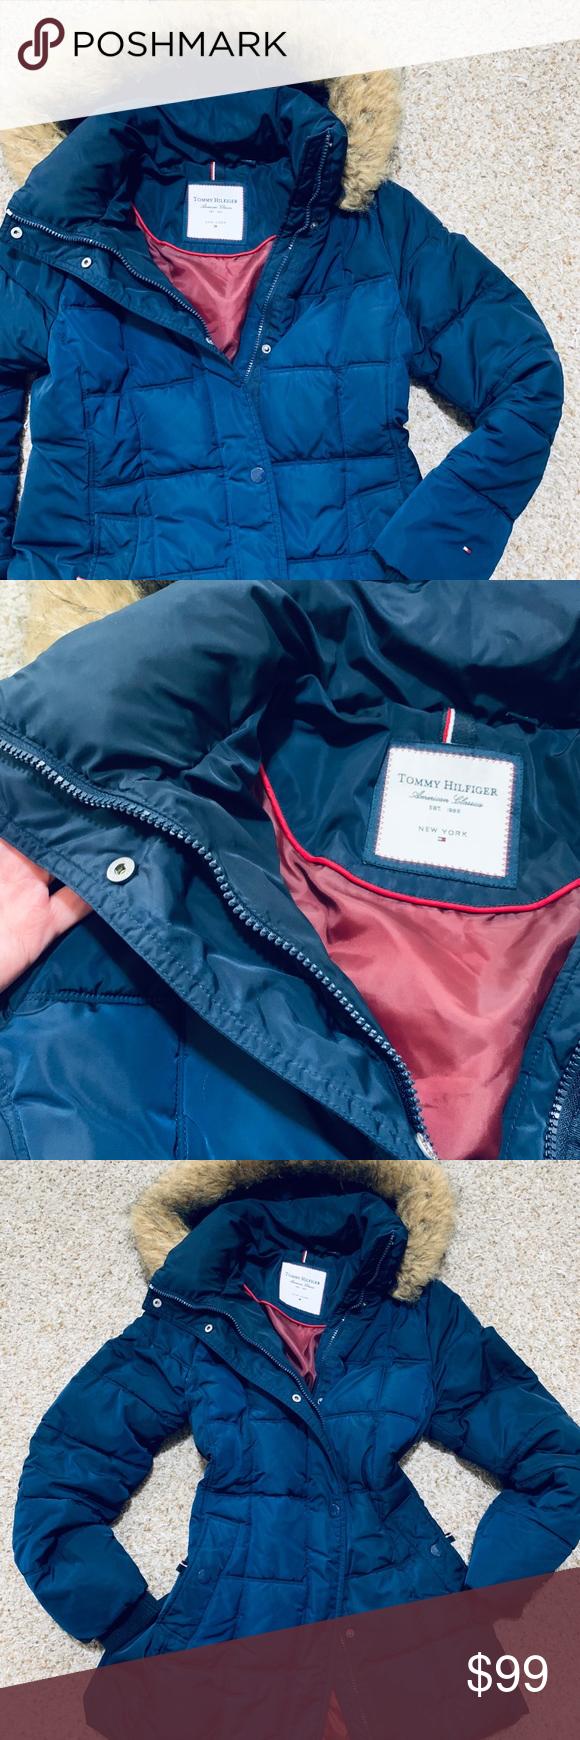 Tommy Hilfiger Winter Women S Jacket Winter Jackets Women Tommy Hilfiger Jackets For Women [ 1740 x 580 Pixel ]